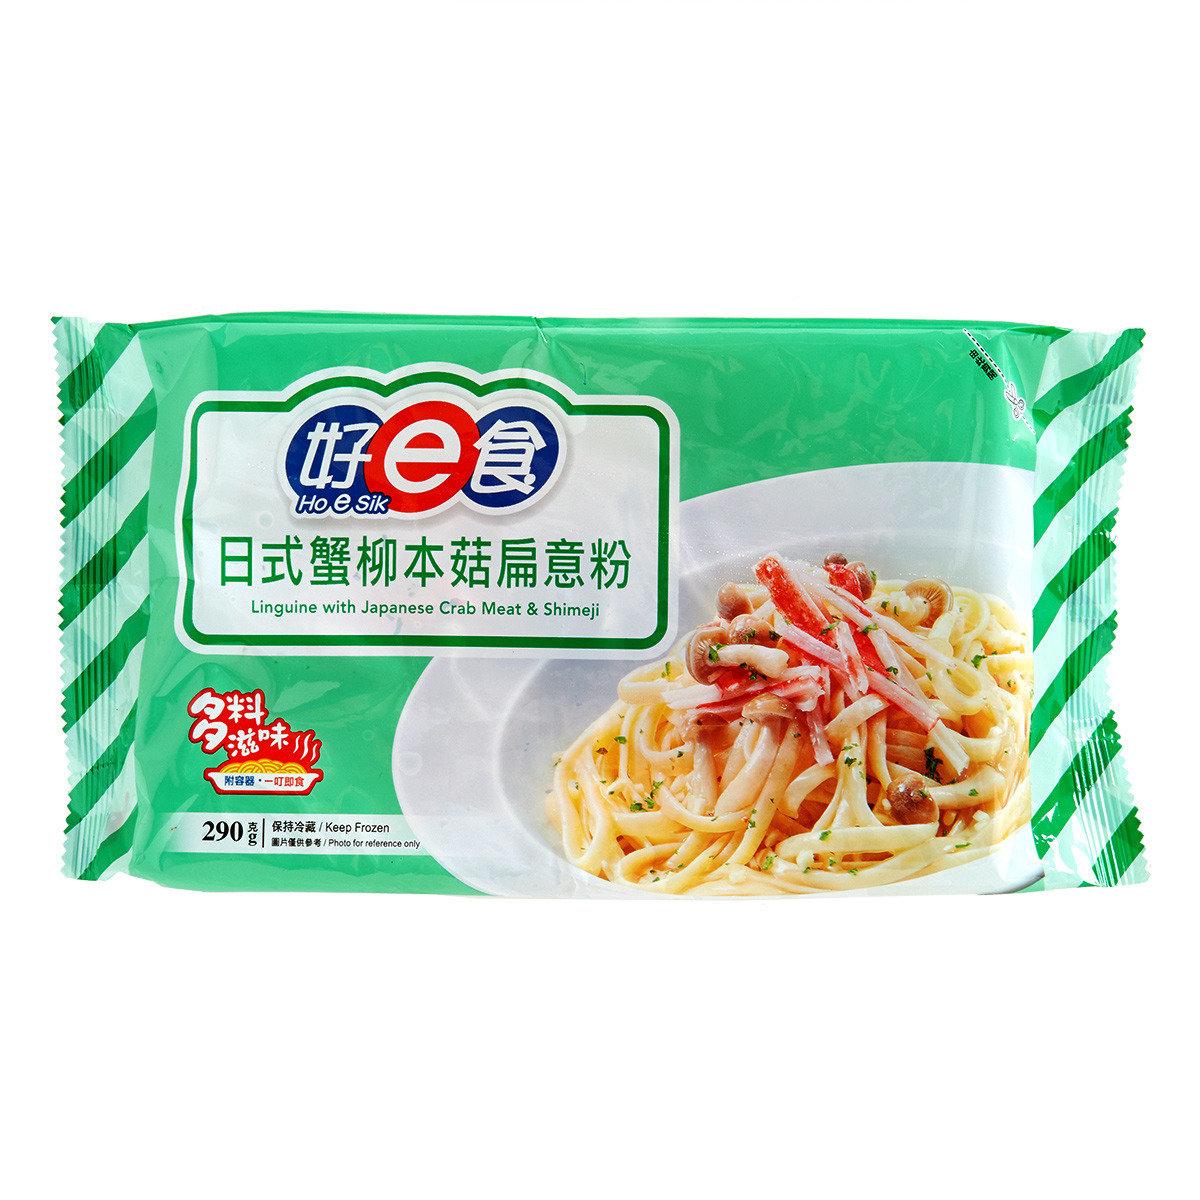 好e食 - 日式蟹柳本菇扁意粉 (急凍)